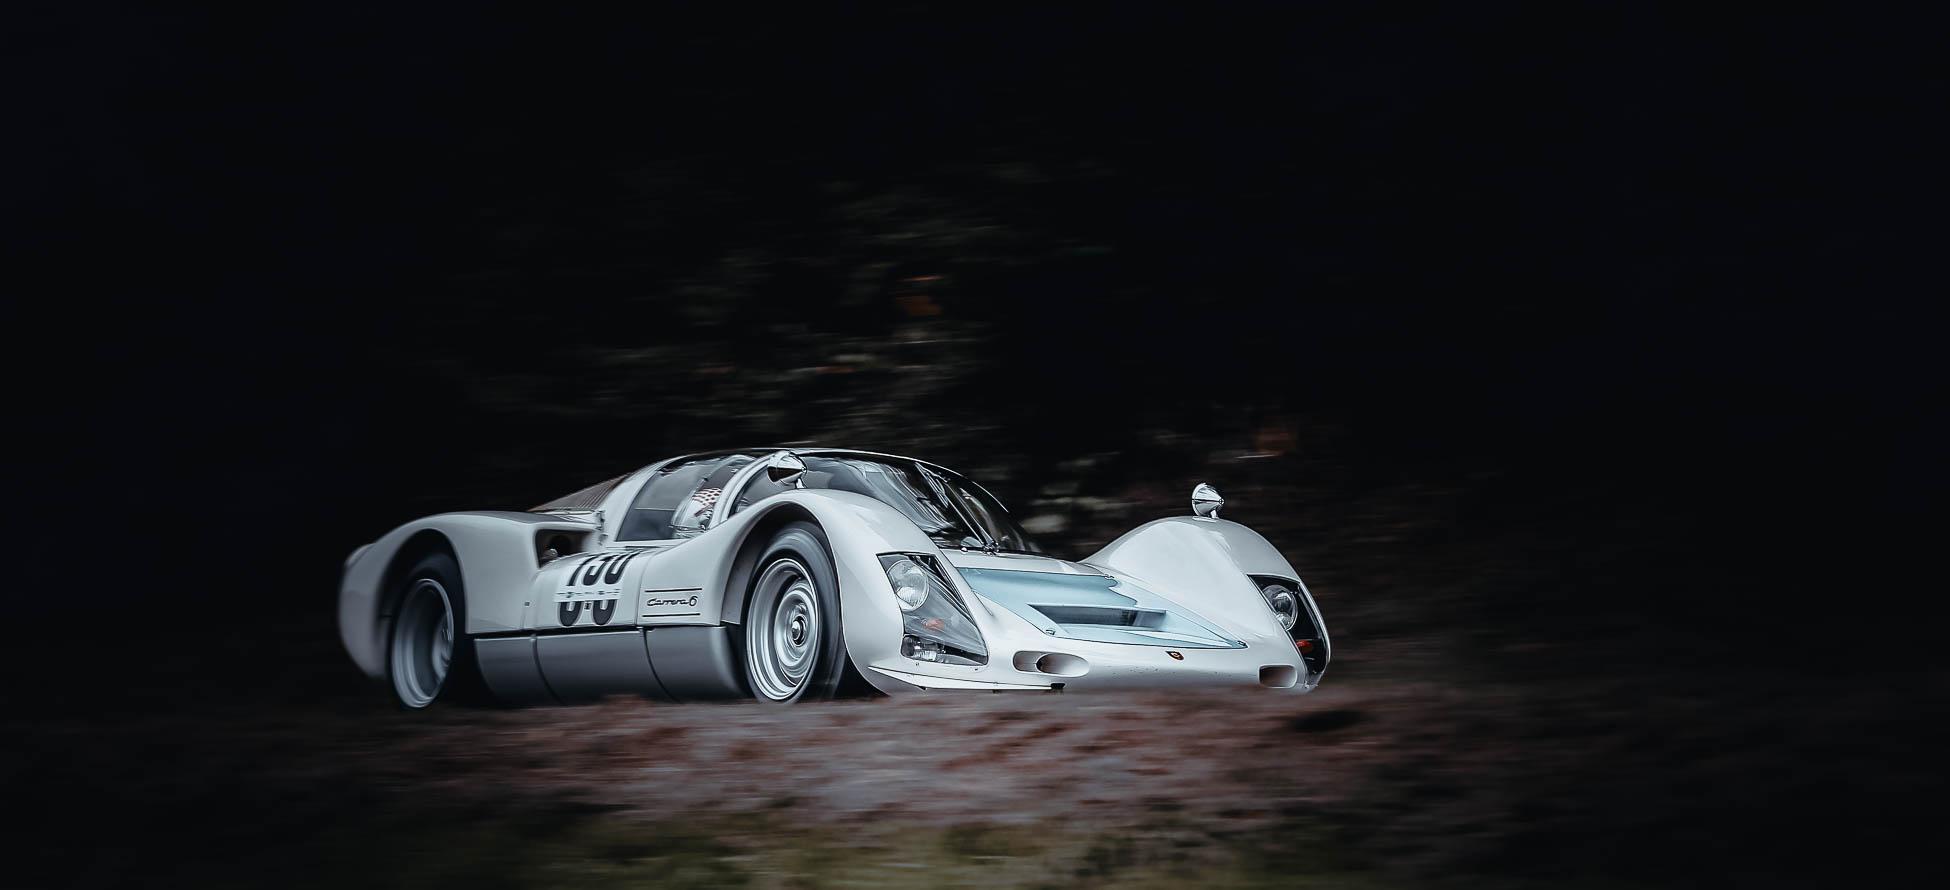 Porsche 906 - Robert Jung - Metallic Grunge